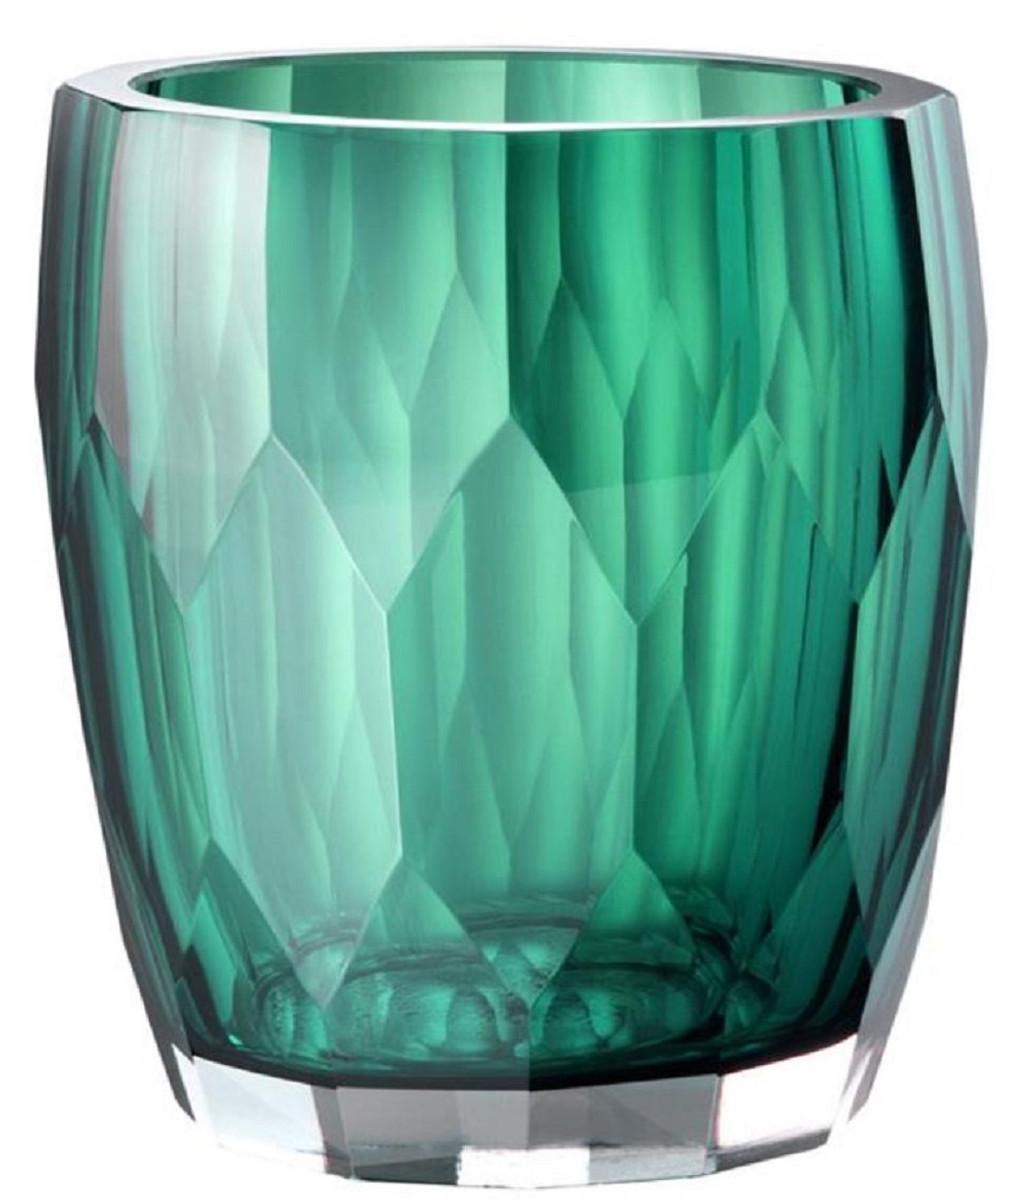 Casa Padrino Luxus Deko Glas Vase Grün Ø 12 x H. 14 cm - Luxus Qualität 1